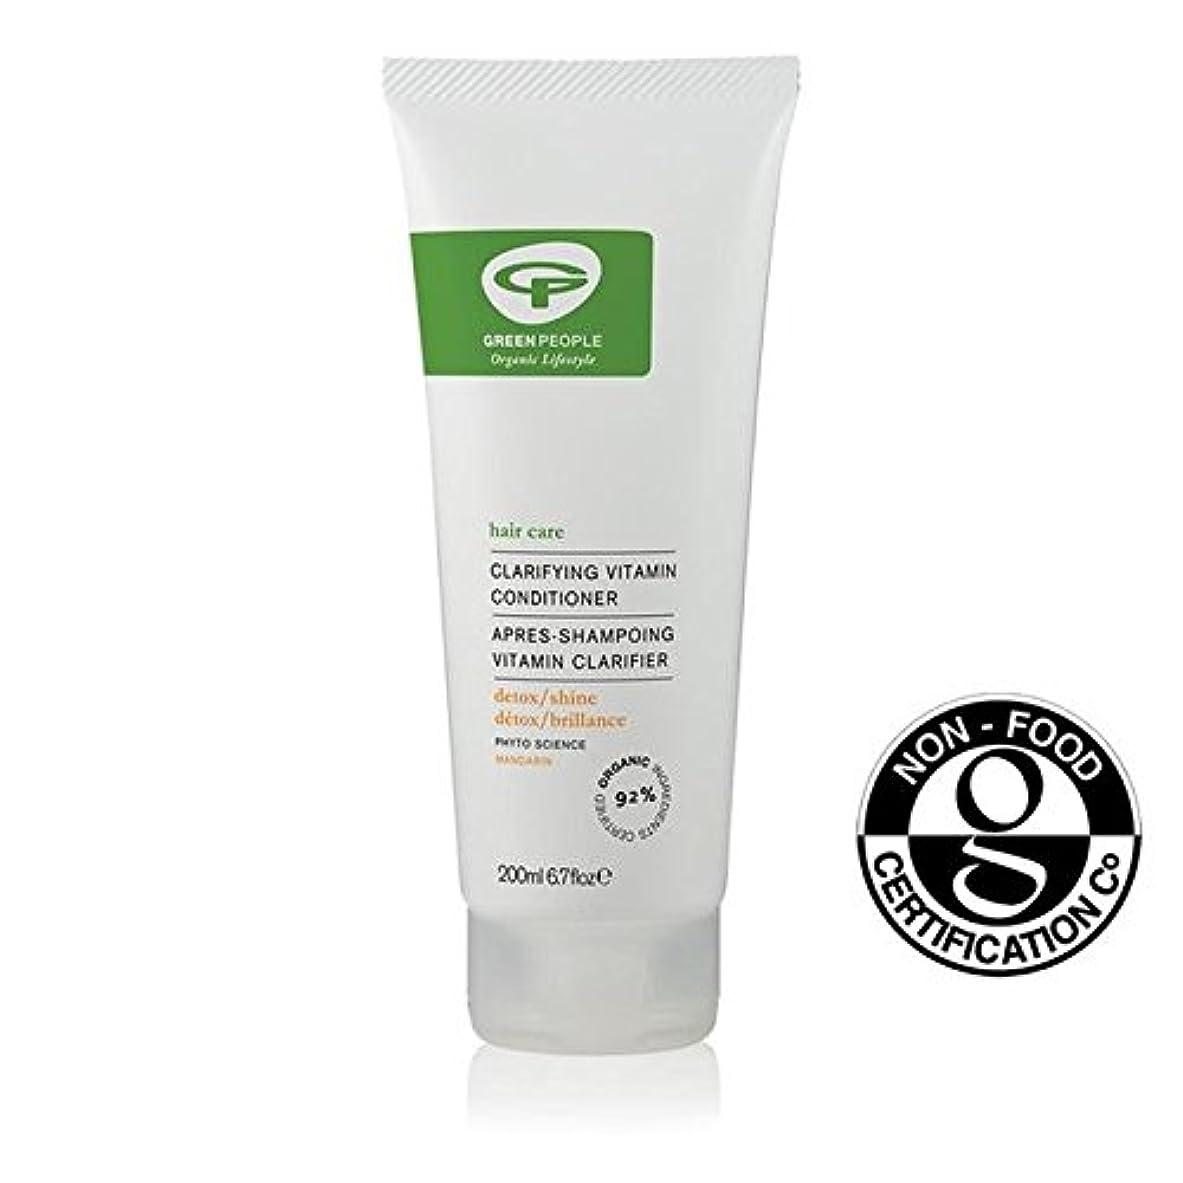 店主蓮系譜緑の人々の有機明確ビタミンコンディショナー200 x4 - Green People Organic Clarifying Vitamin Conditioner 200ml (Pack of 4) [並行輸入品]